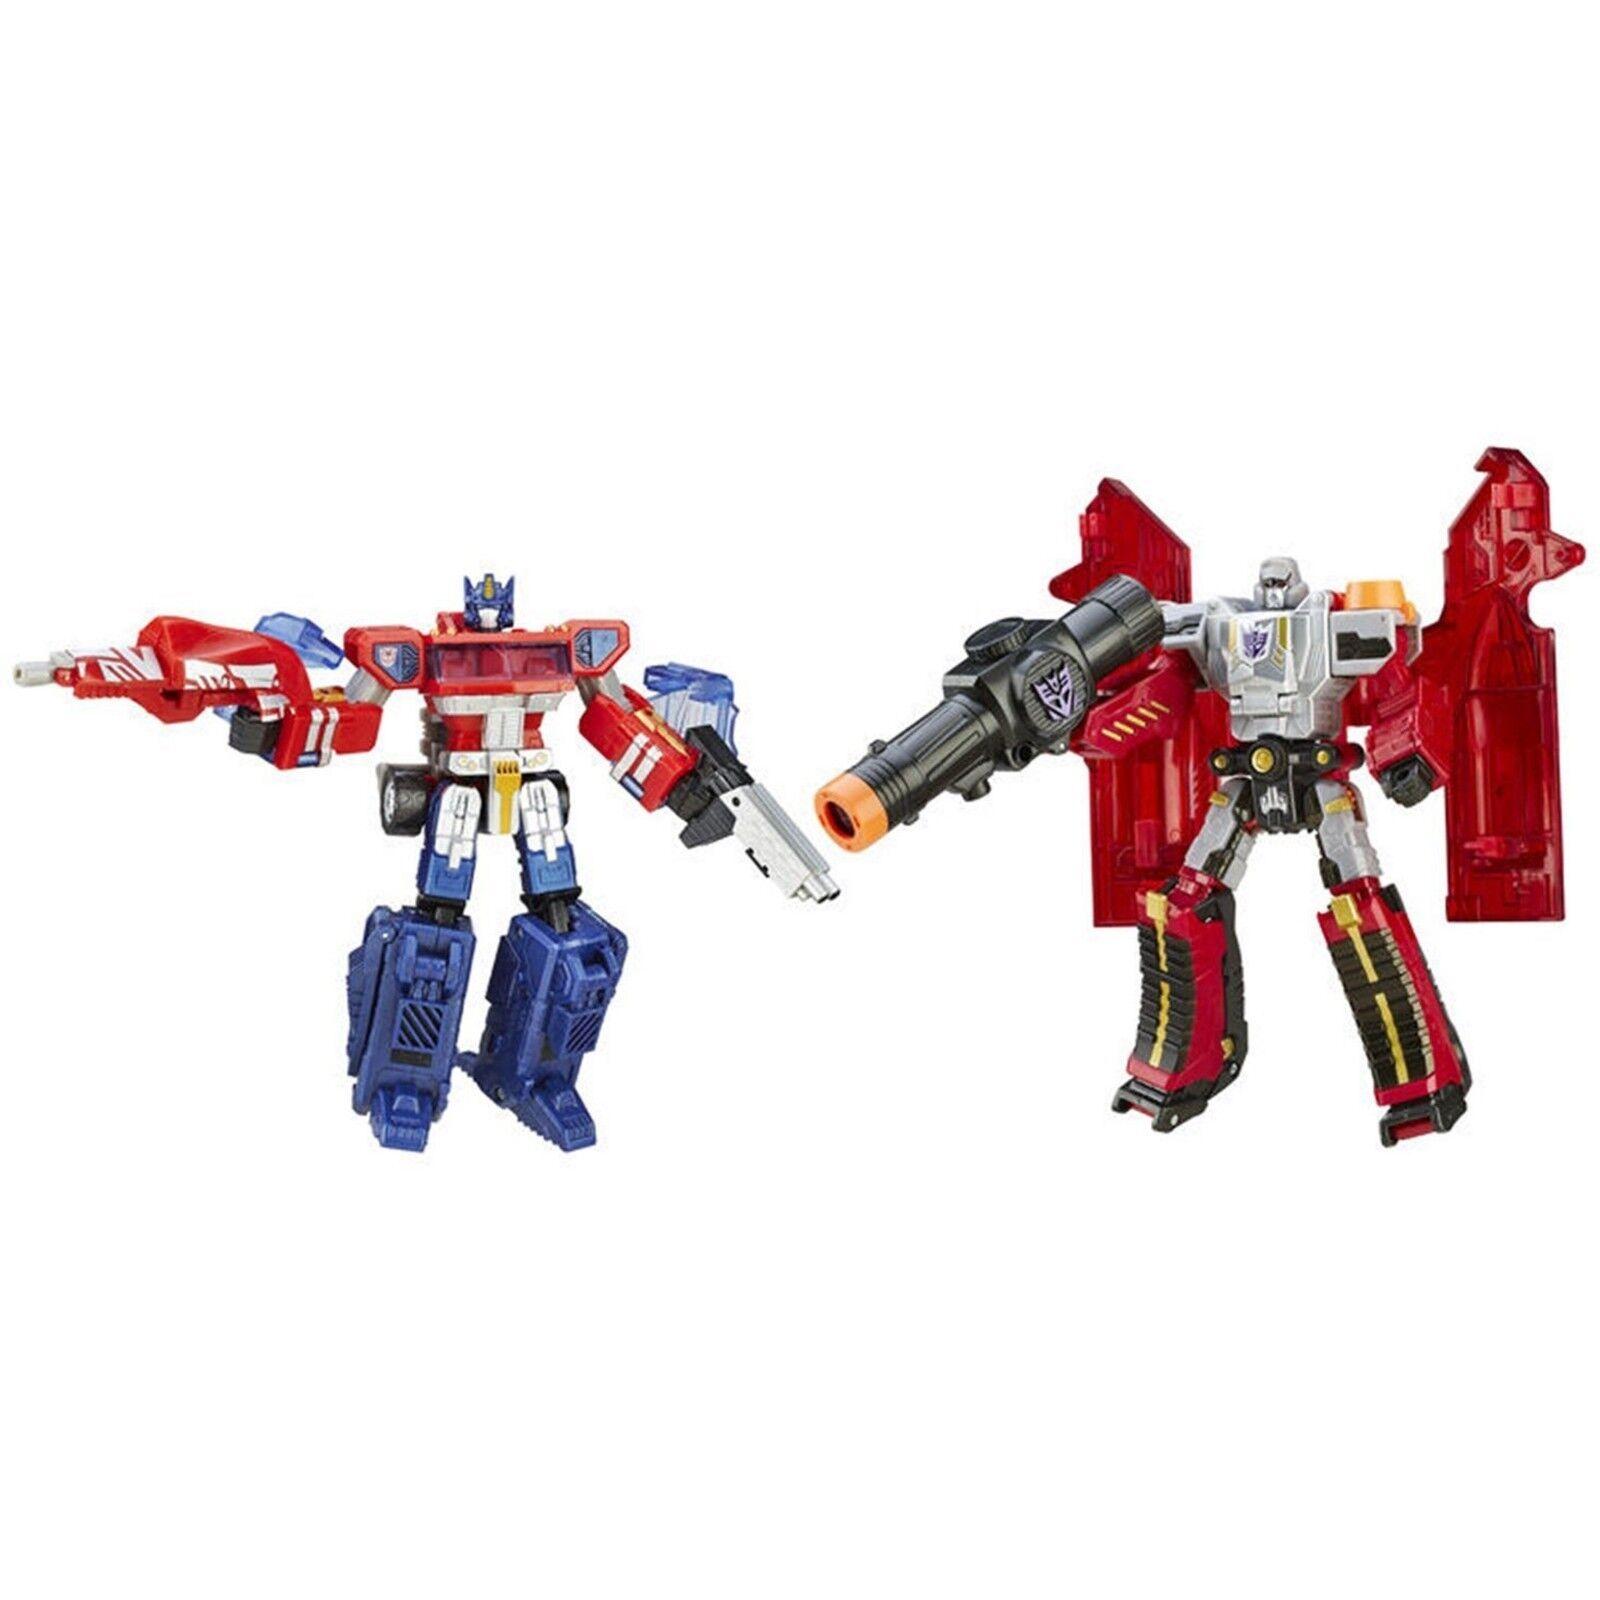 Transformers uno deberá Soporte uno caerán edades 8 Juguete Optimus Prime Megatron